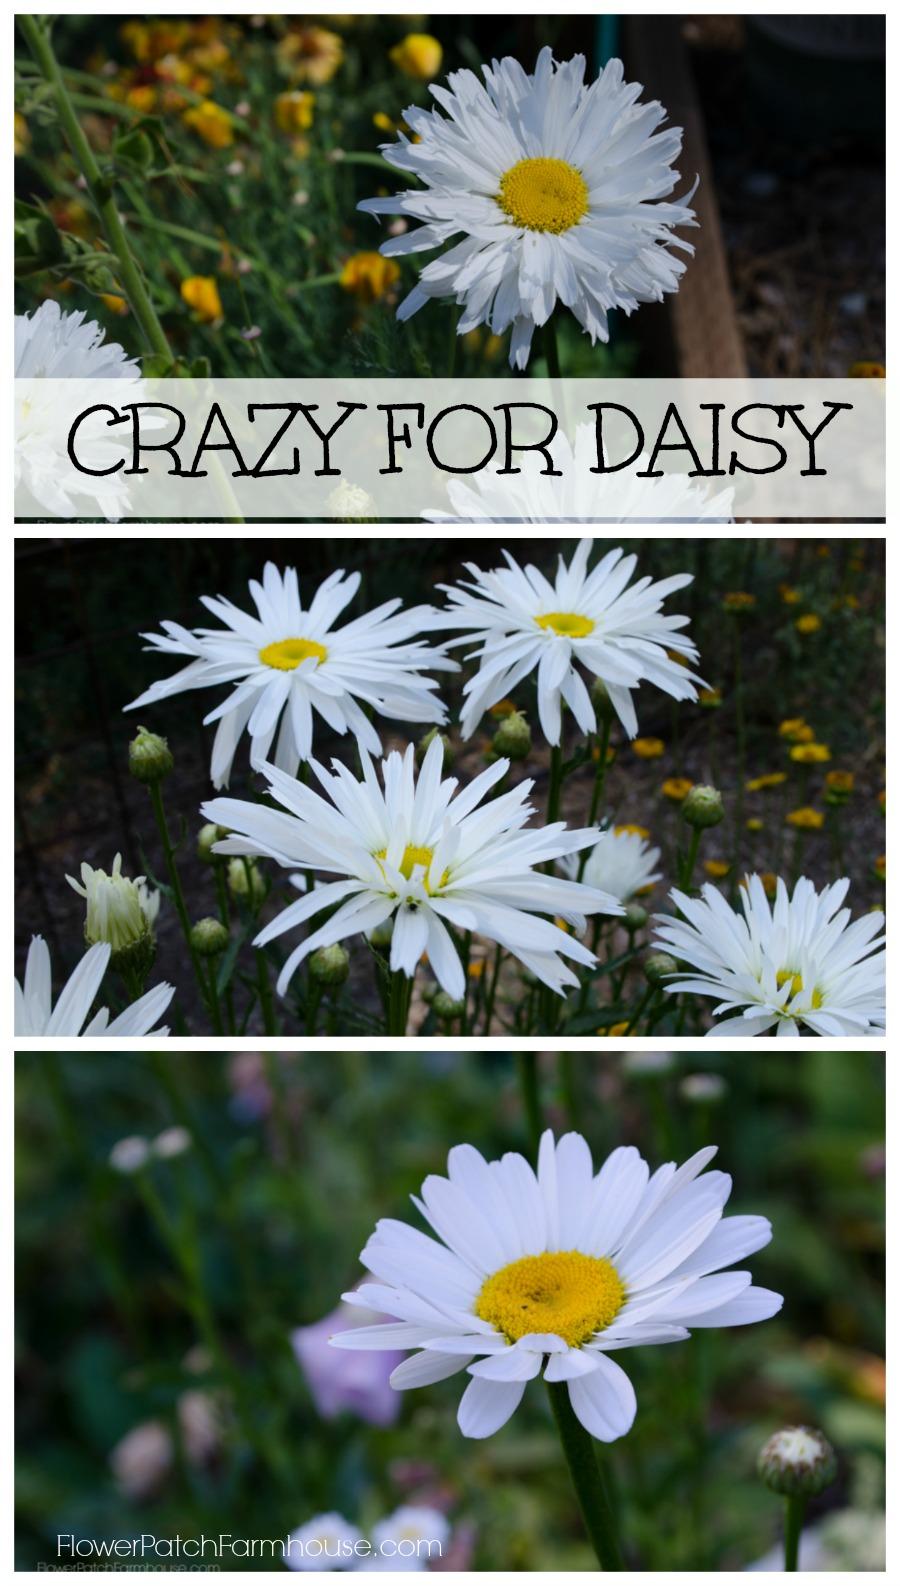 Приват записи crazydaisy 13 фотография